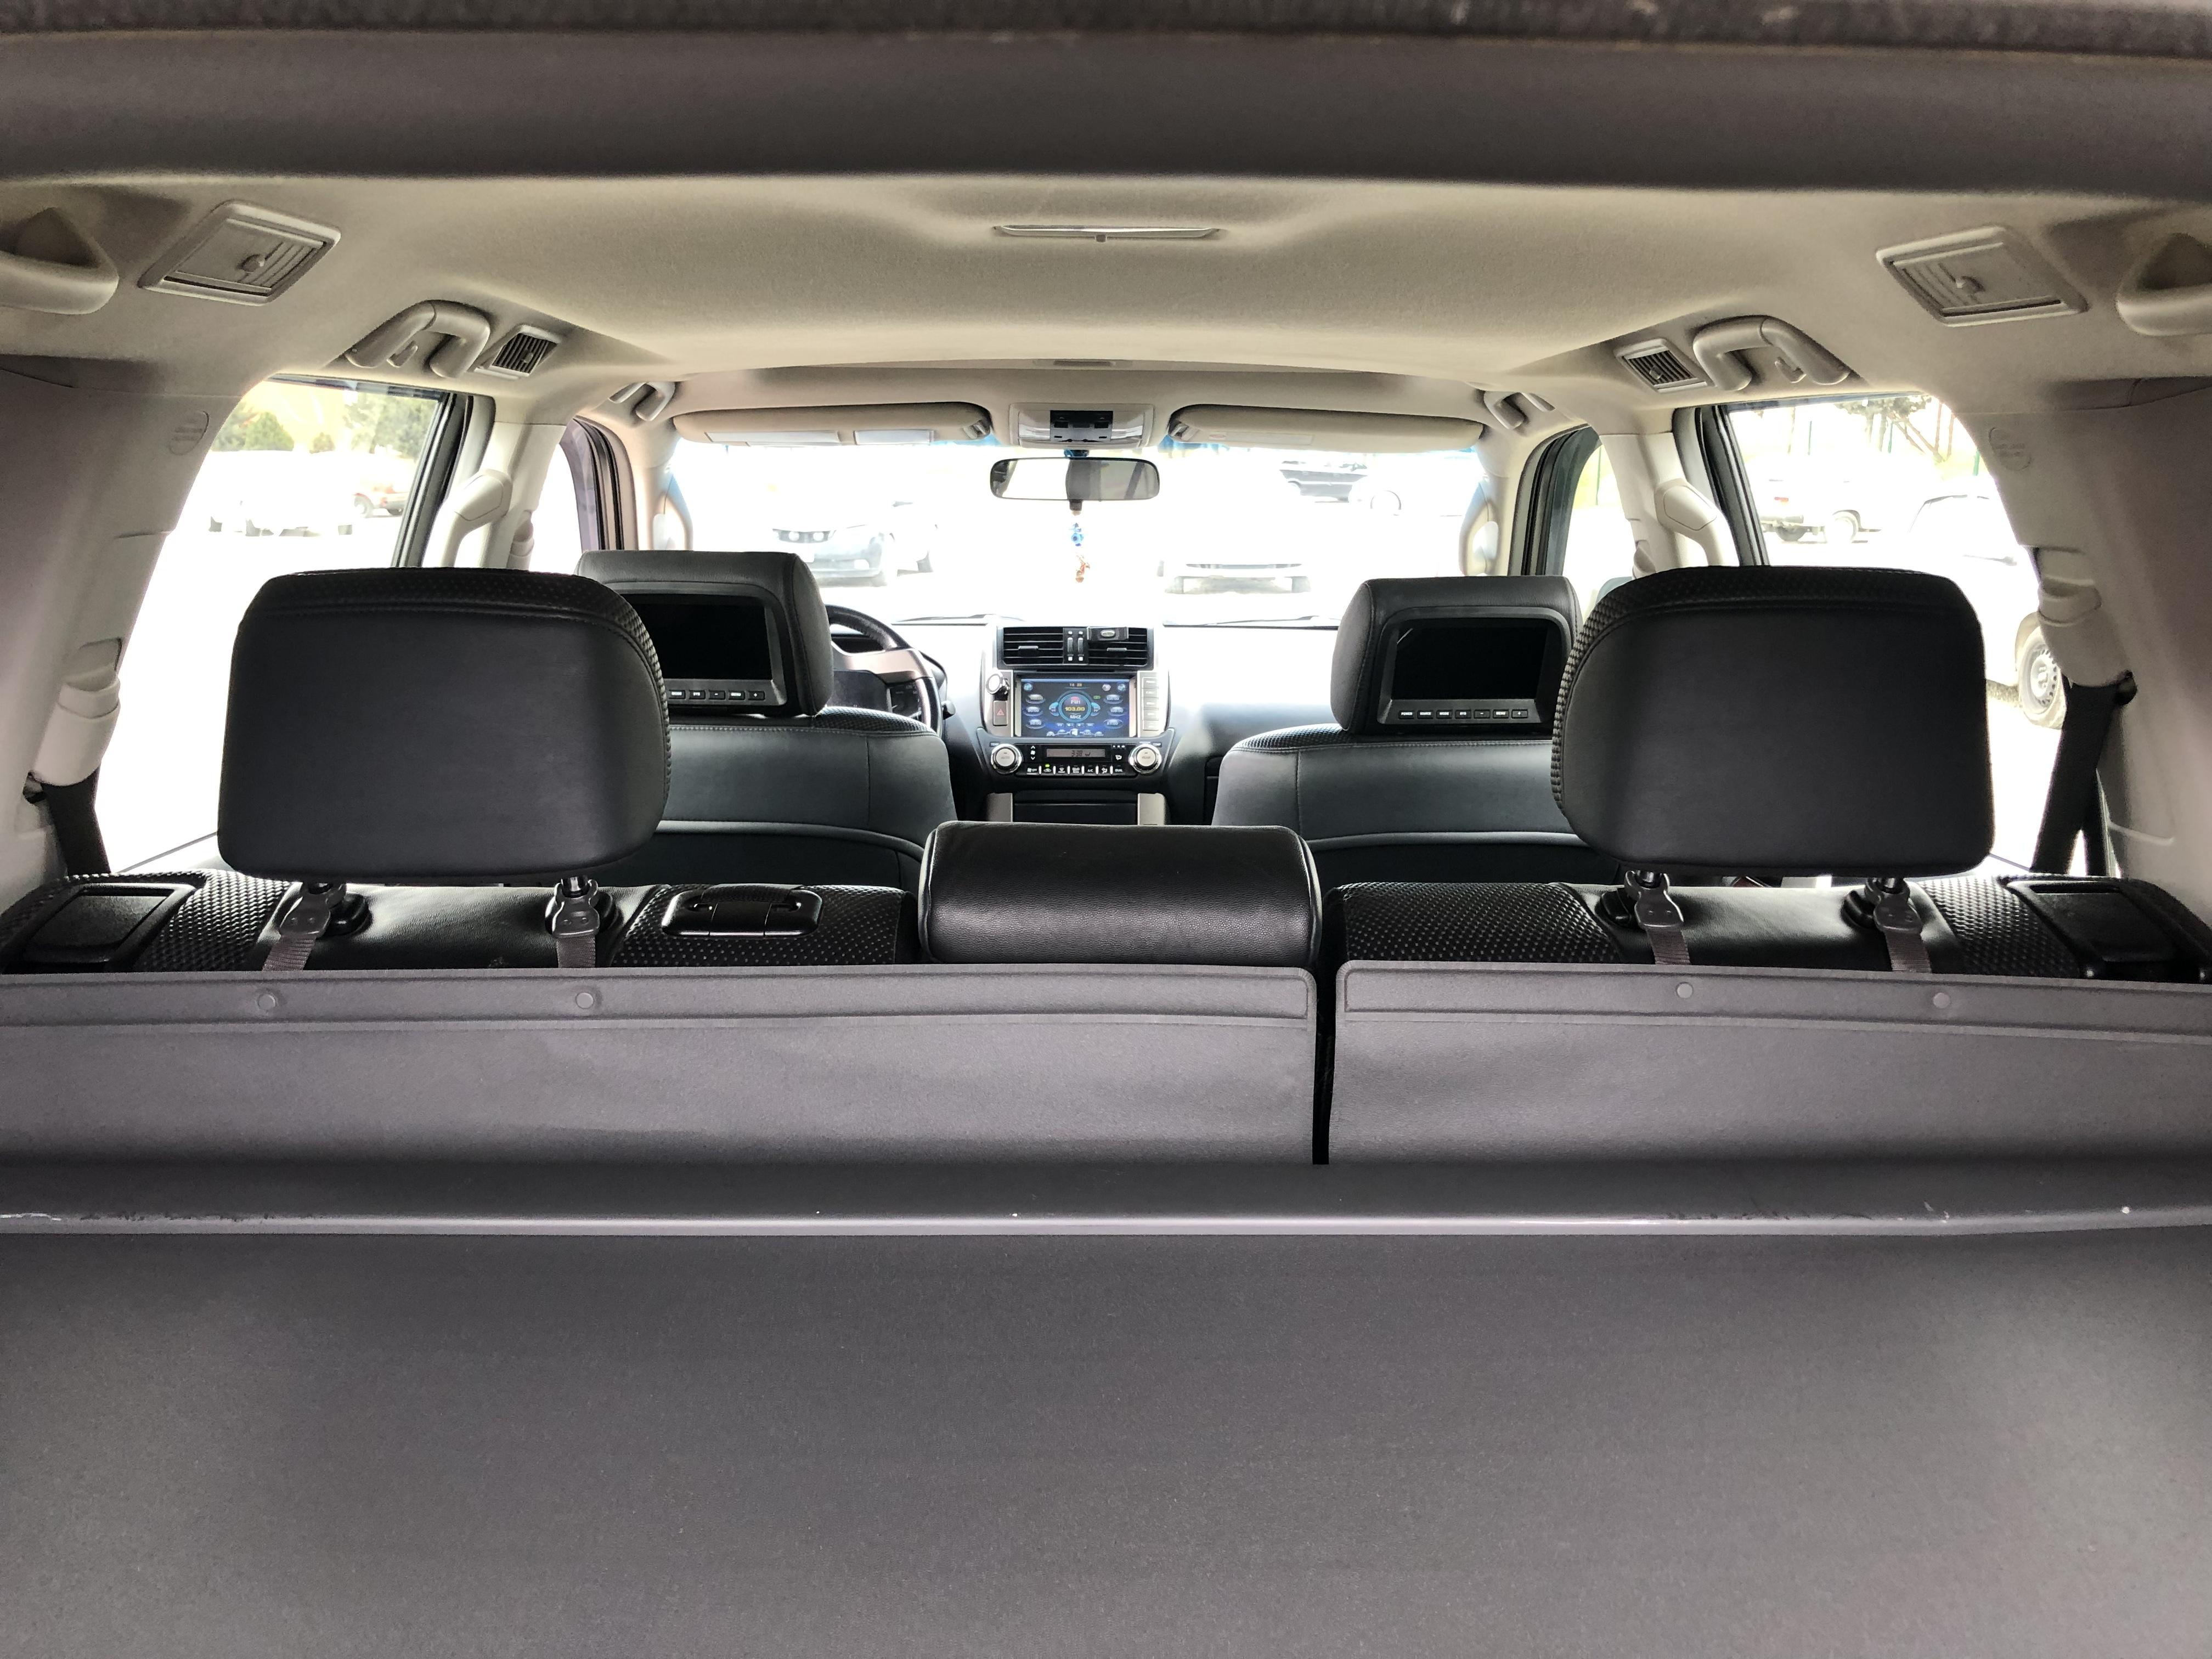 Toyota Prado 2.7(lt) 2012 Подержанный  $26000